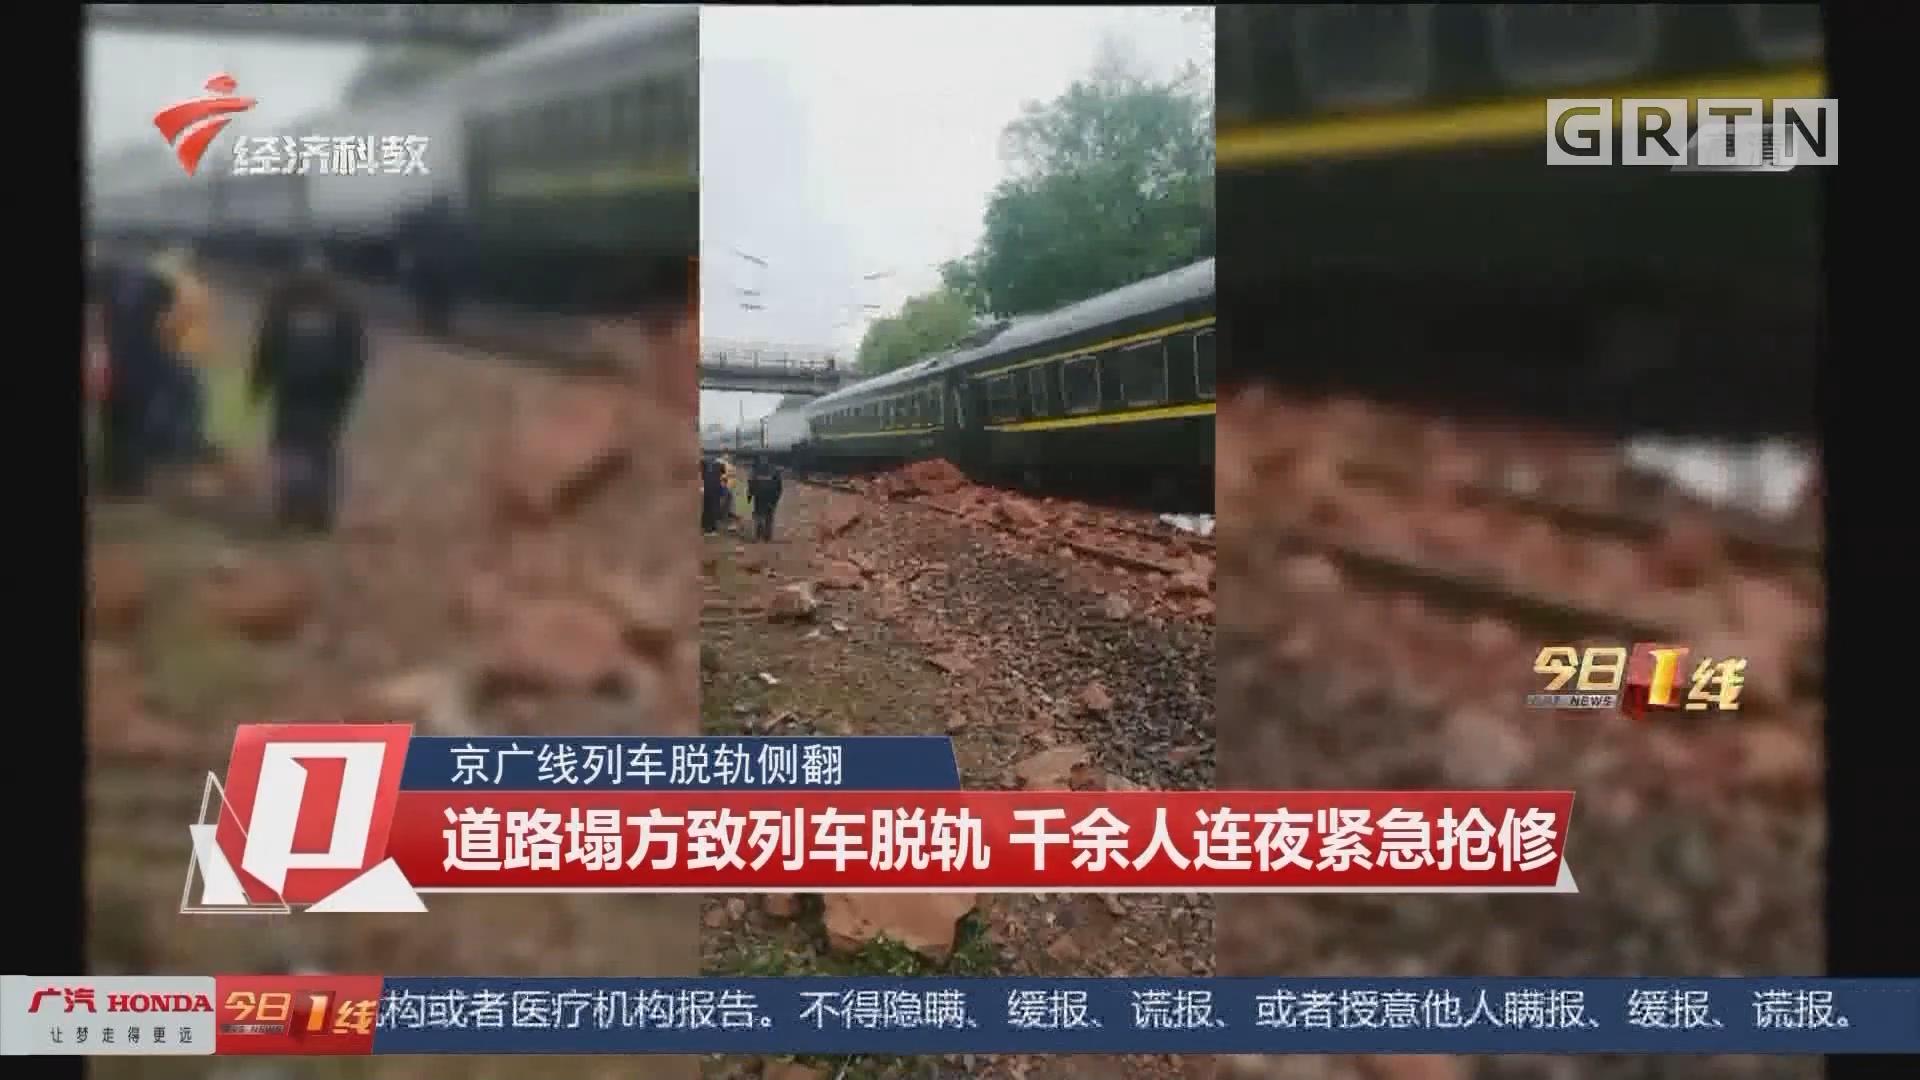 京广线列车脱轨侧翻 道路塌方致列车脱轨 千余人连夜紧急抢修